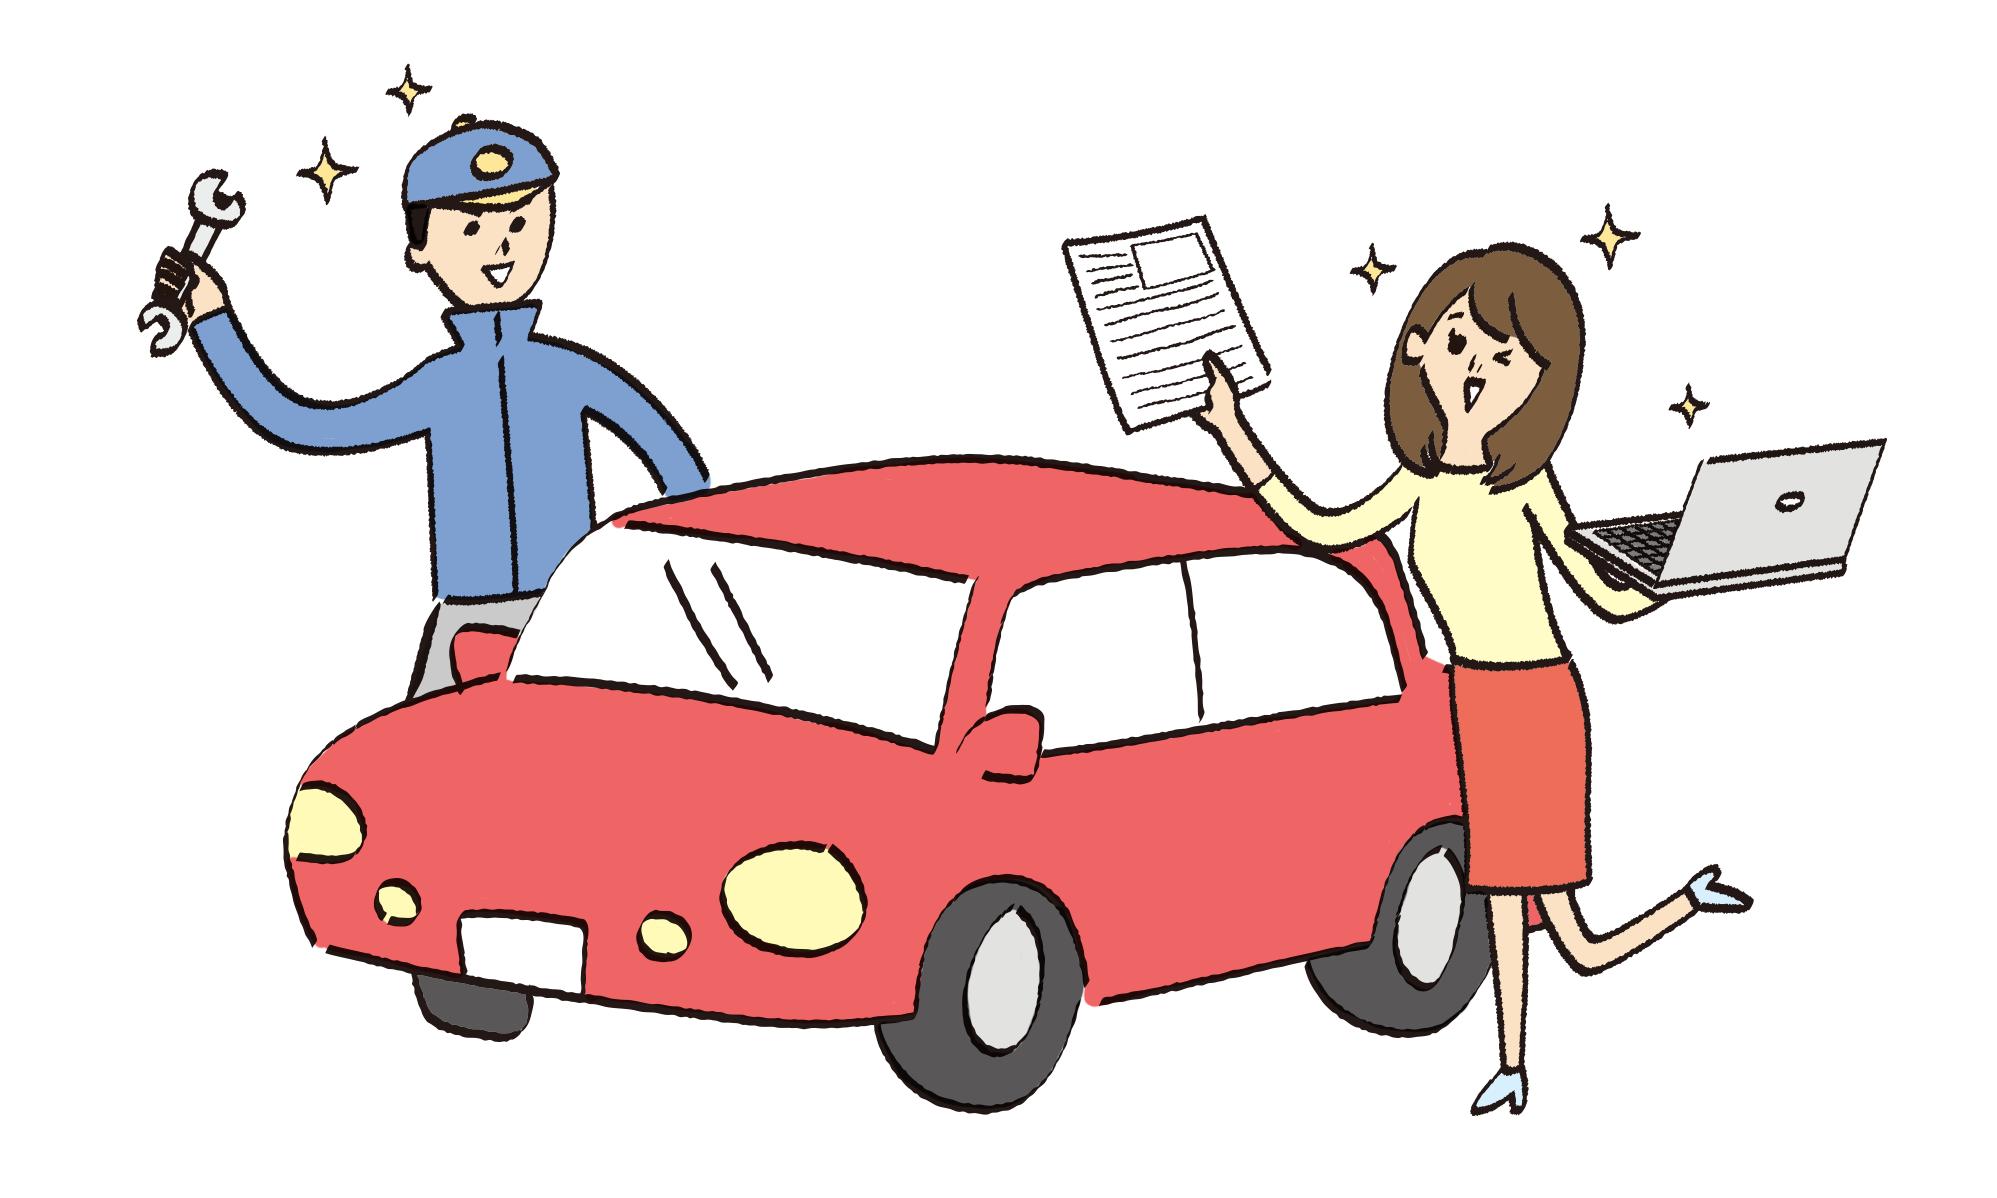 自動車とにこやかな整備士と笑顔の女性のイラスト